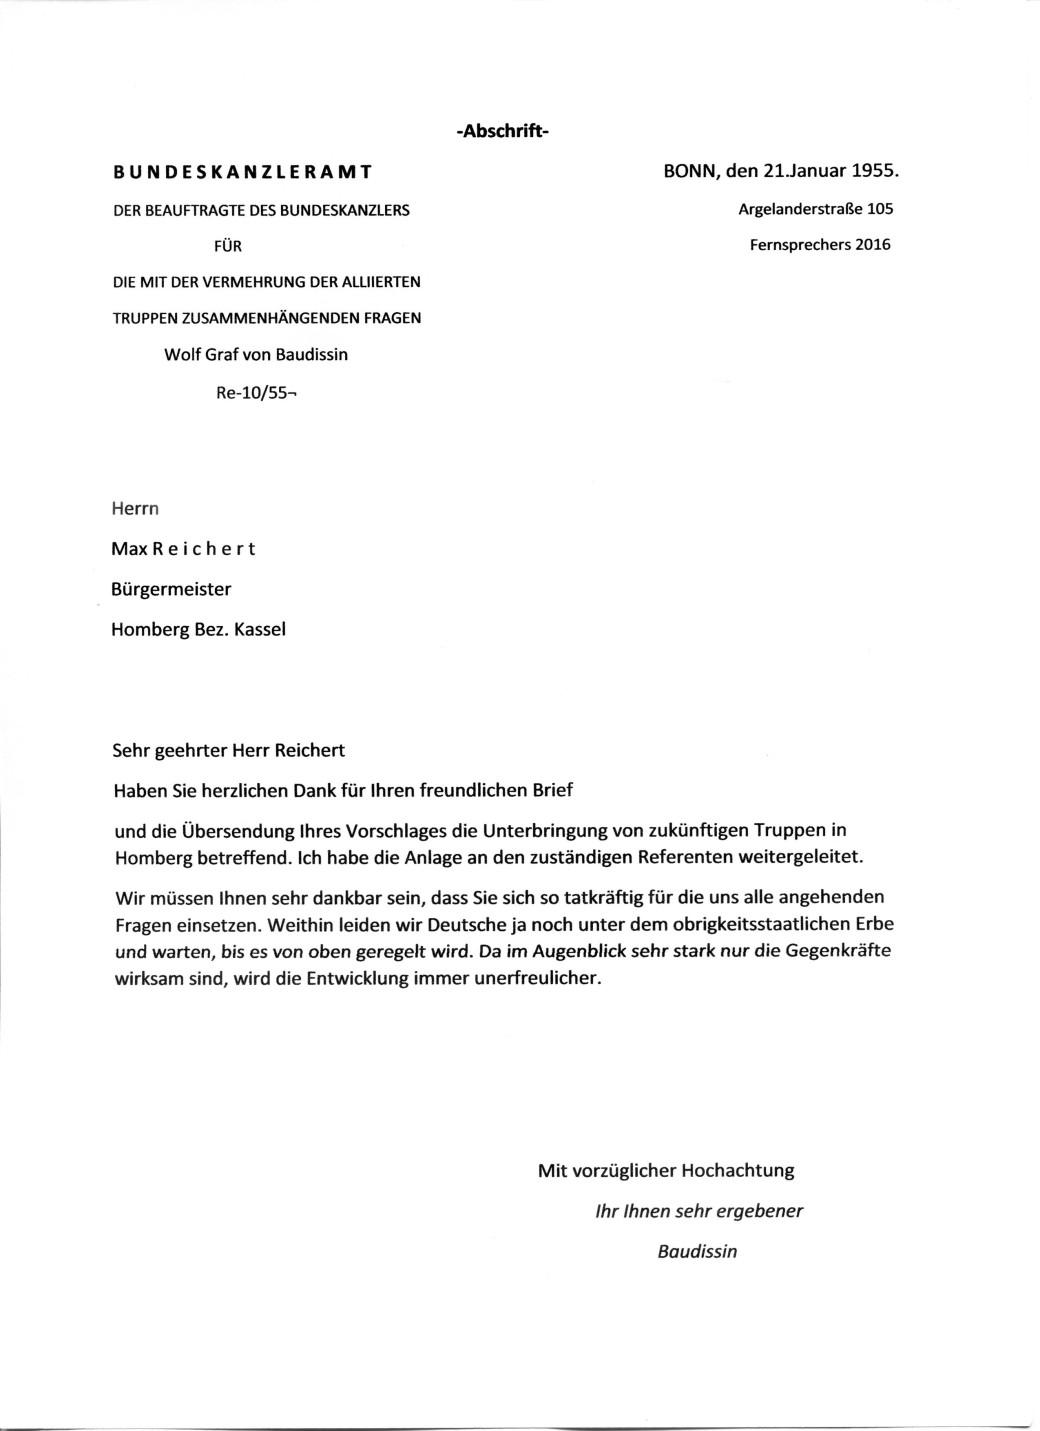 Homberg Kanzleramt an Bürgermeister 21.01.55.jpg